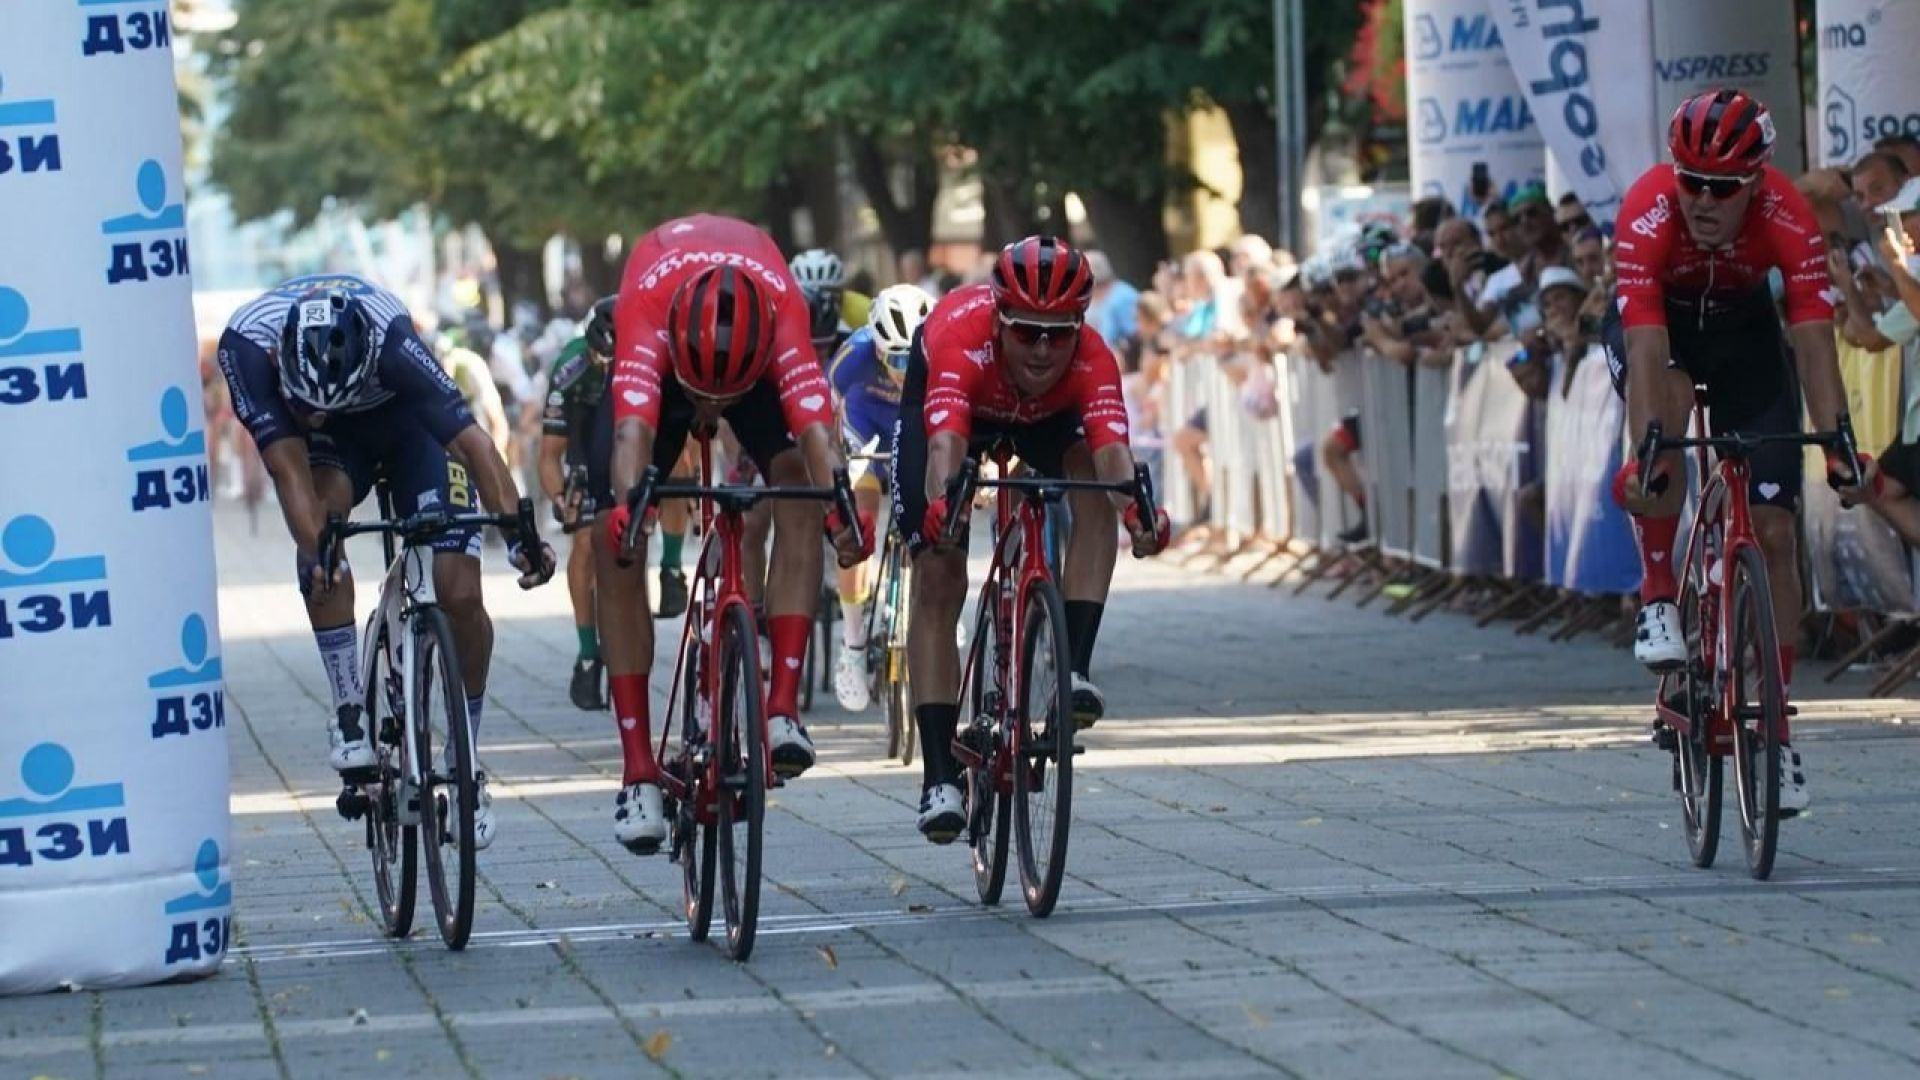 Какви ограничения ще има по пътищата заради Колоездачната обиколка на България